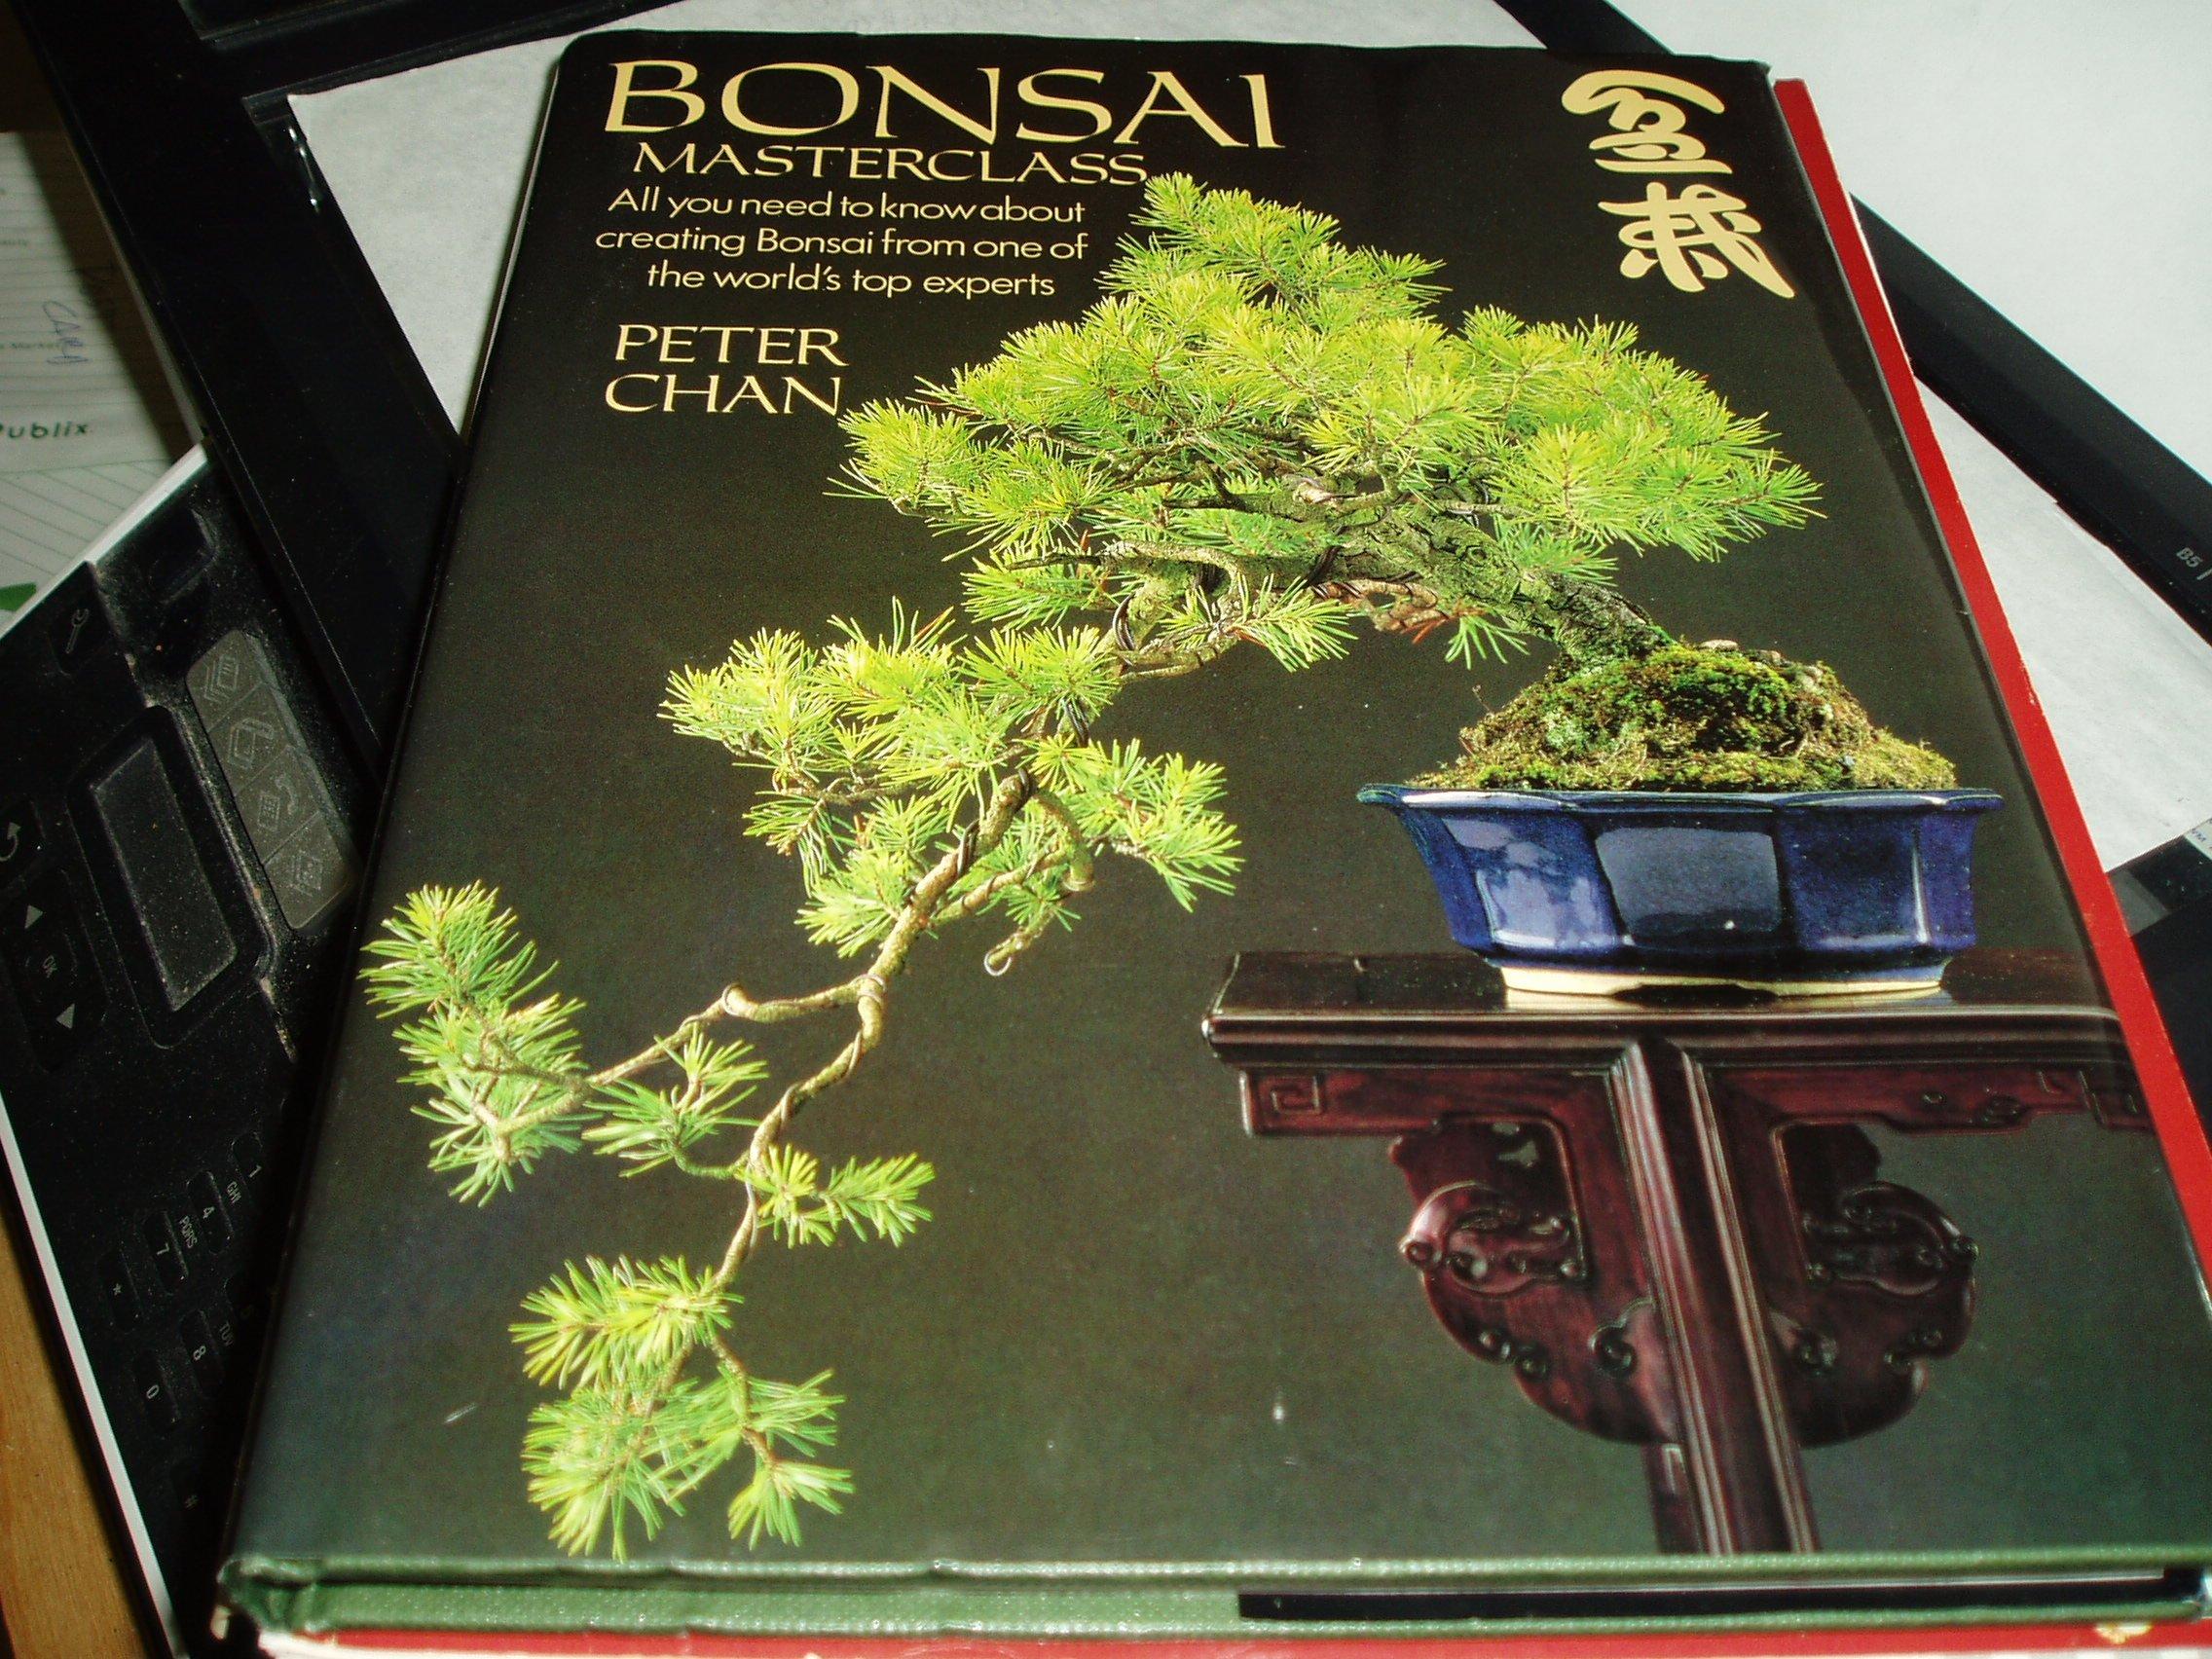 bonsai-masterclass